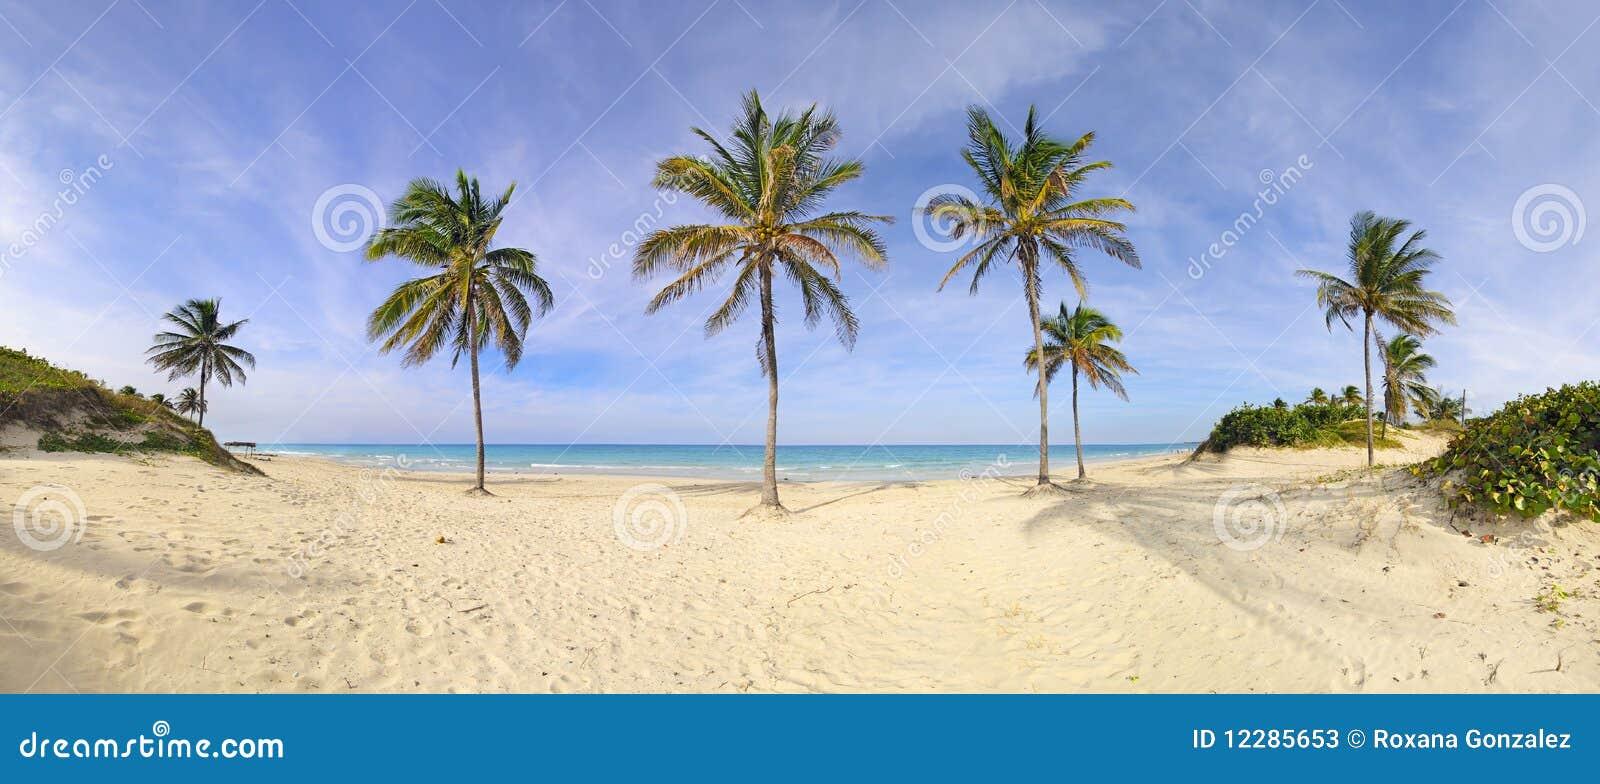 Panorama de la playa de Santa María, Cuba